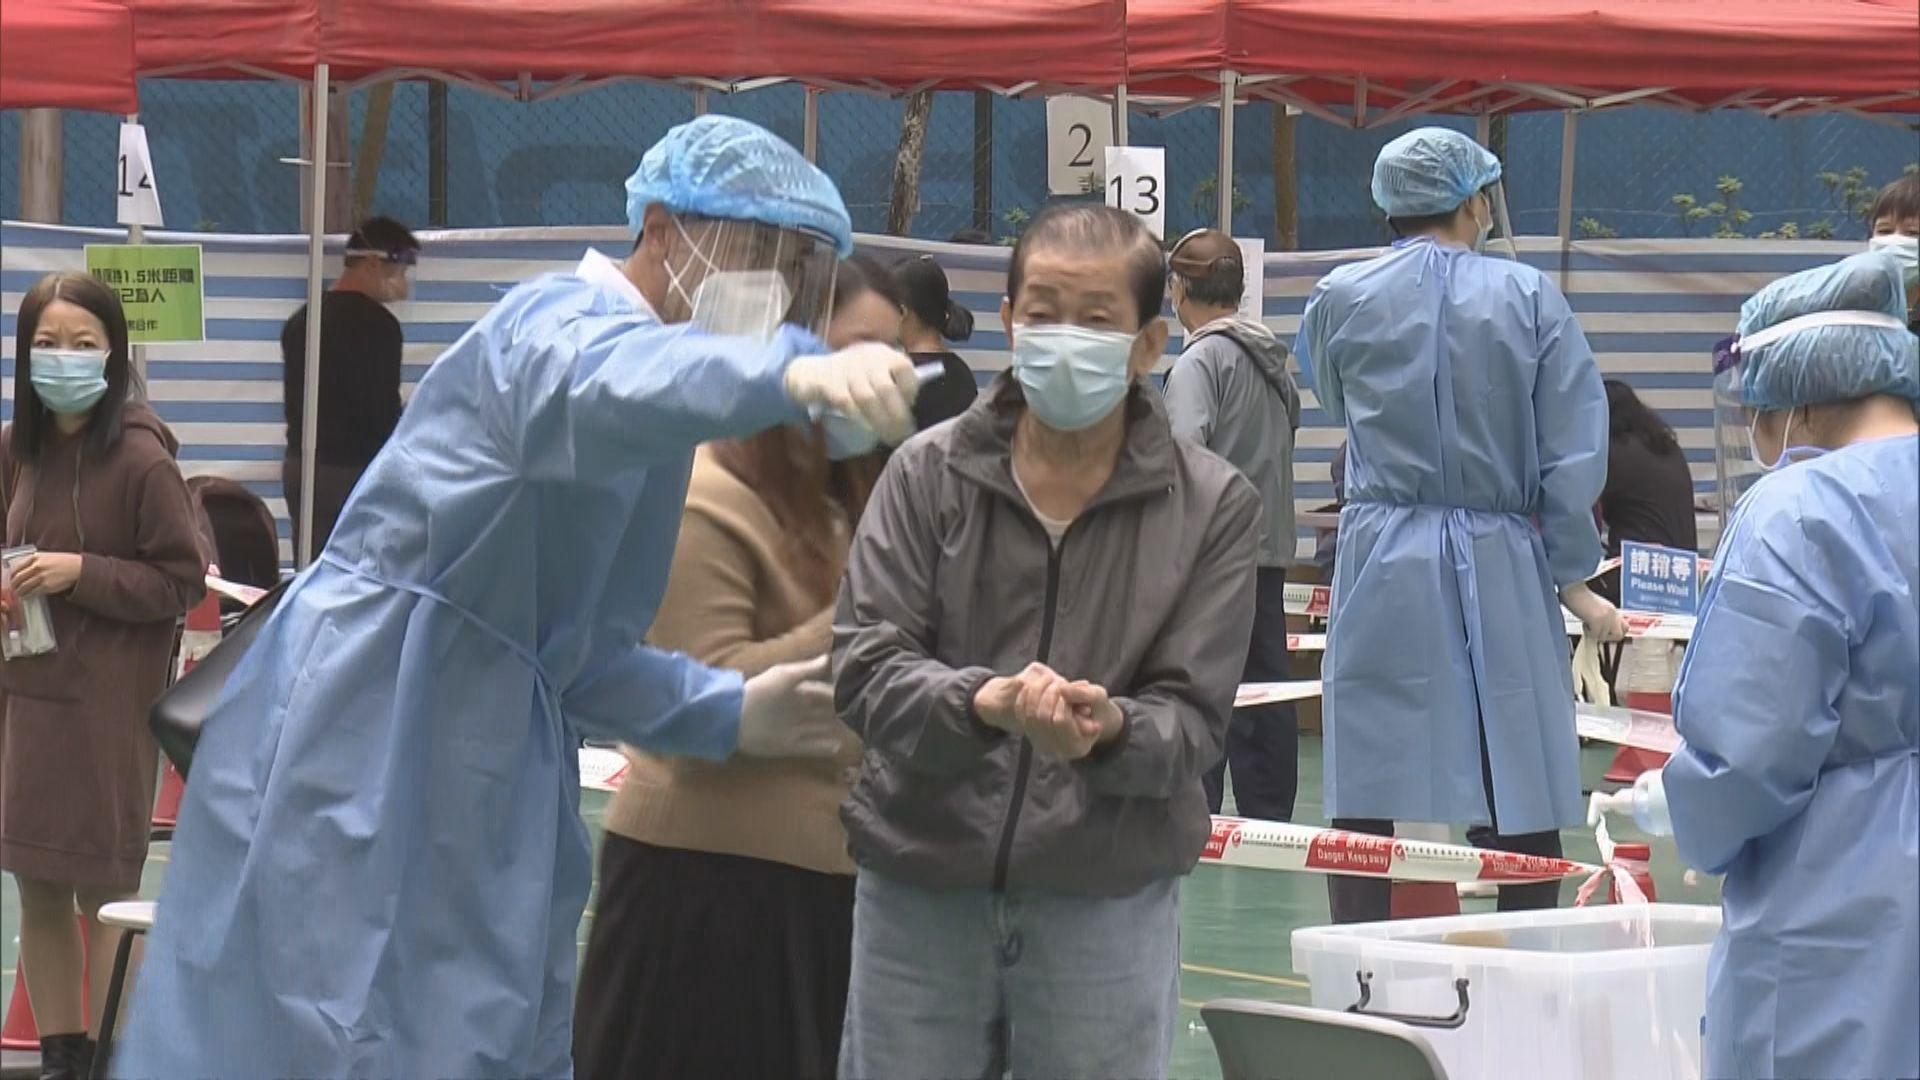 消息指今增約80宗確診 當局續為麗晶居民作強制檢測